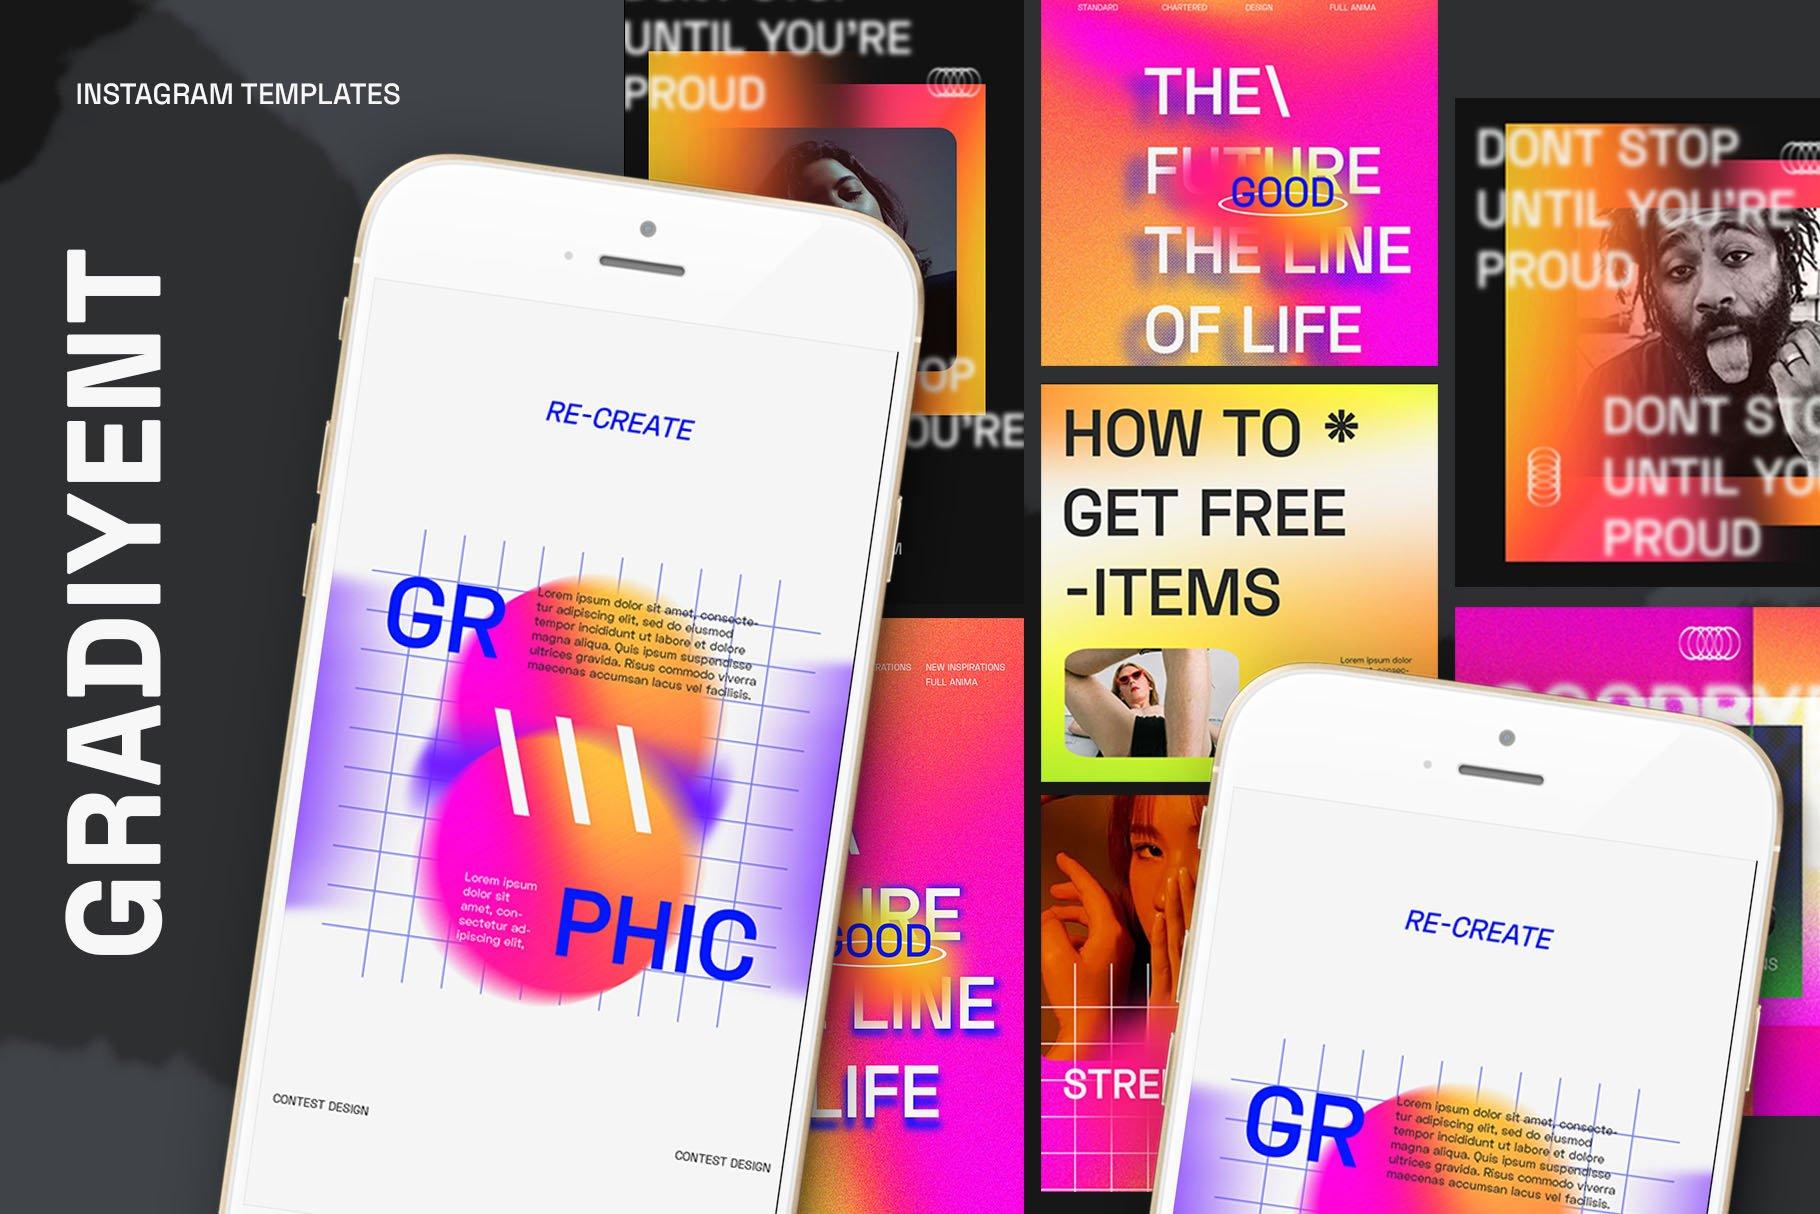 时尚潮流虹彩渐变品牌推广新媒体电商海报设计PSD模板素材 Gradiyent Instagram Templates插图